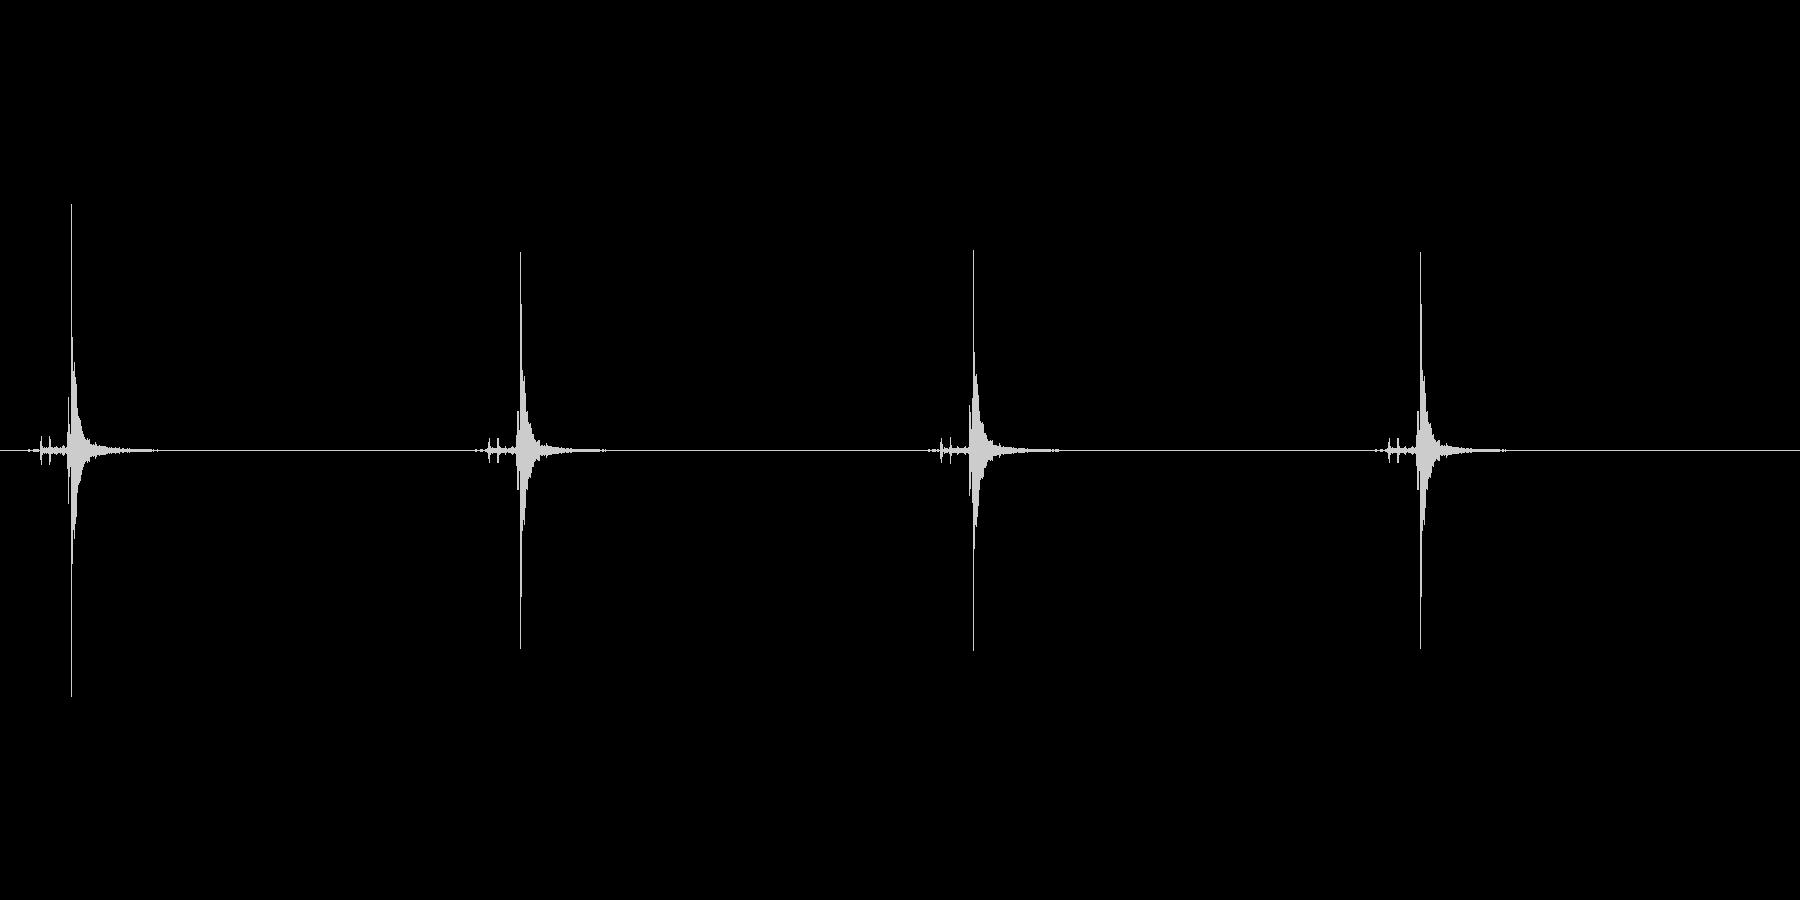 時計の秒針の音 1E 小さな時計の未再生の波形